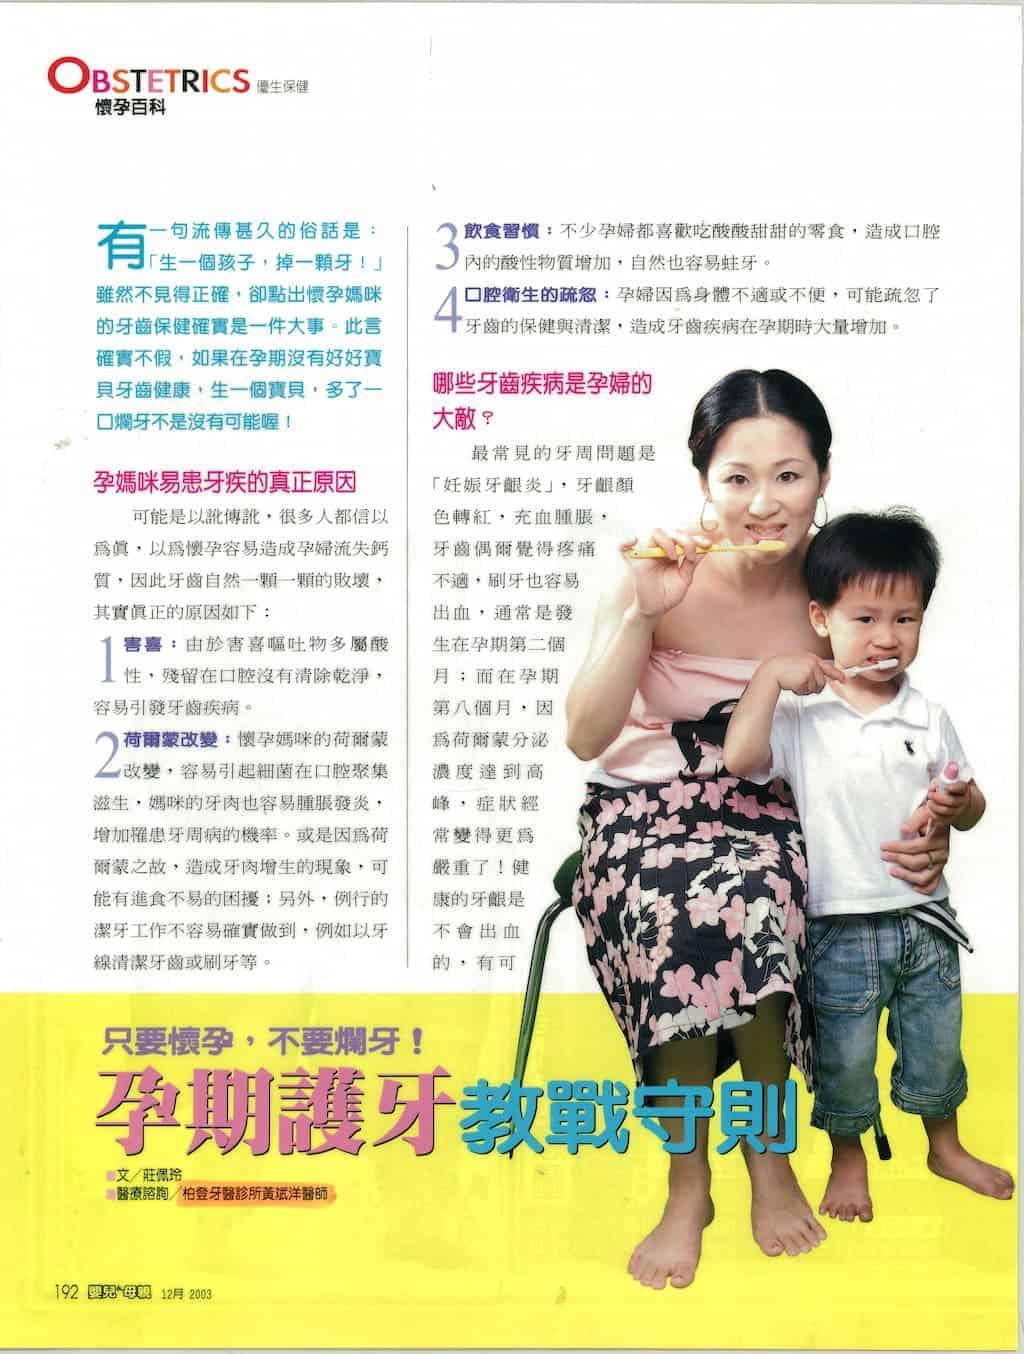 孕婦護牙教戰手冊-柏登牙醫-孕婦牙齒衛教1